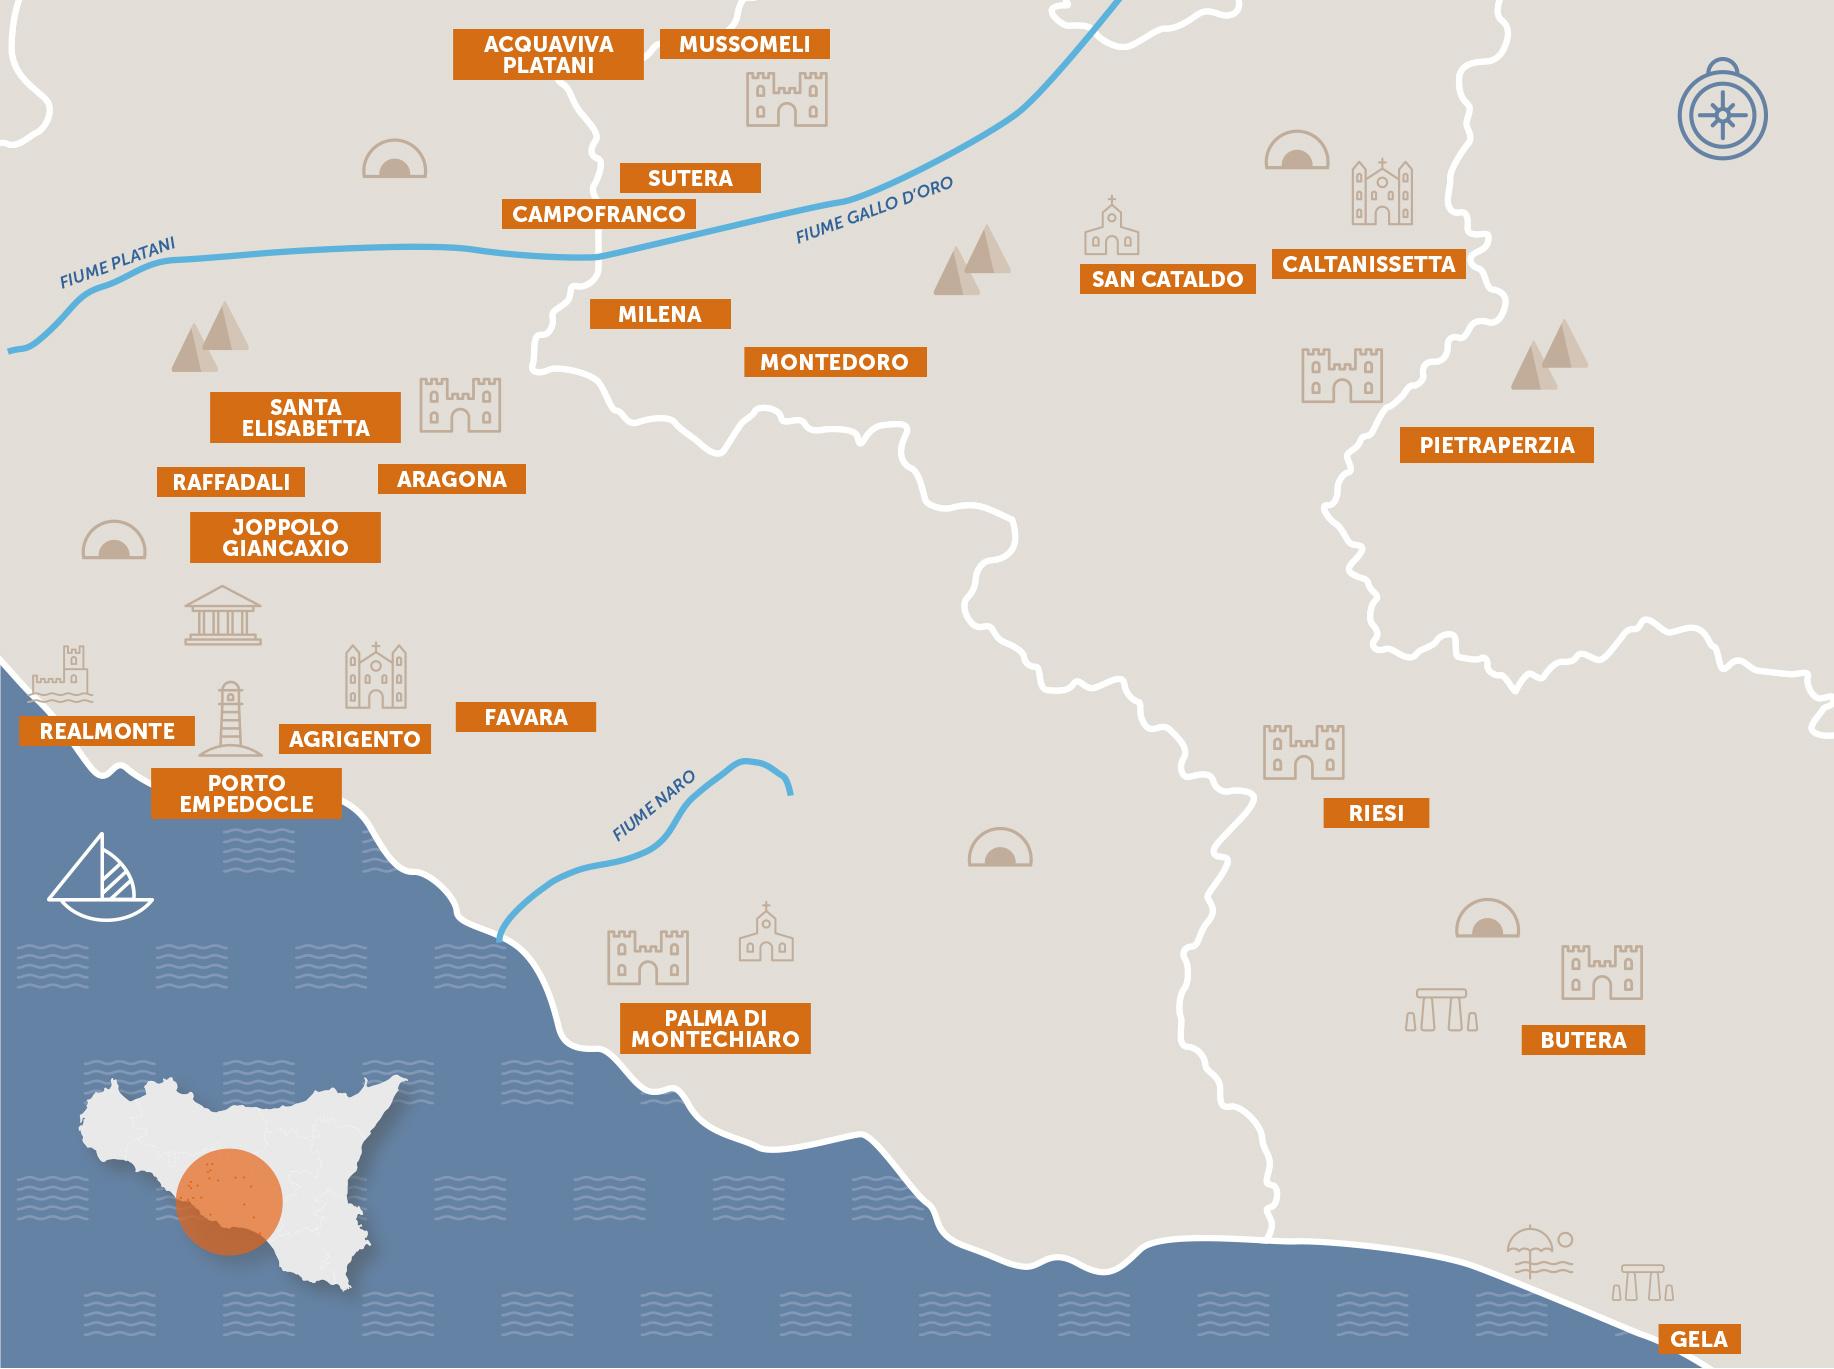 Mappa del distretto